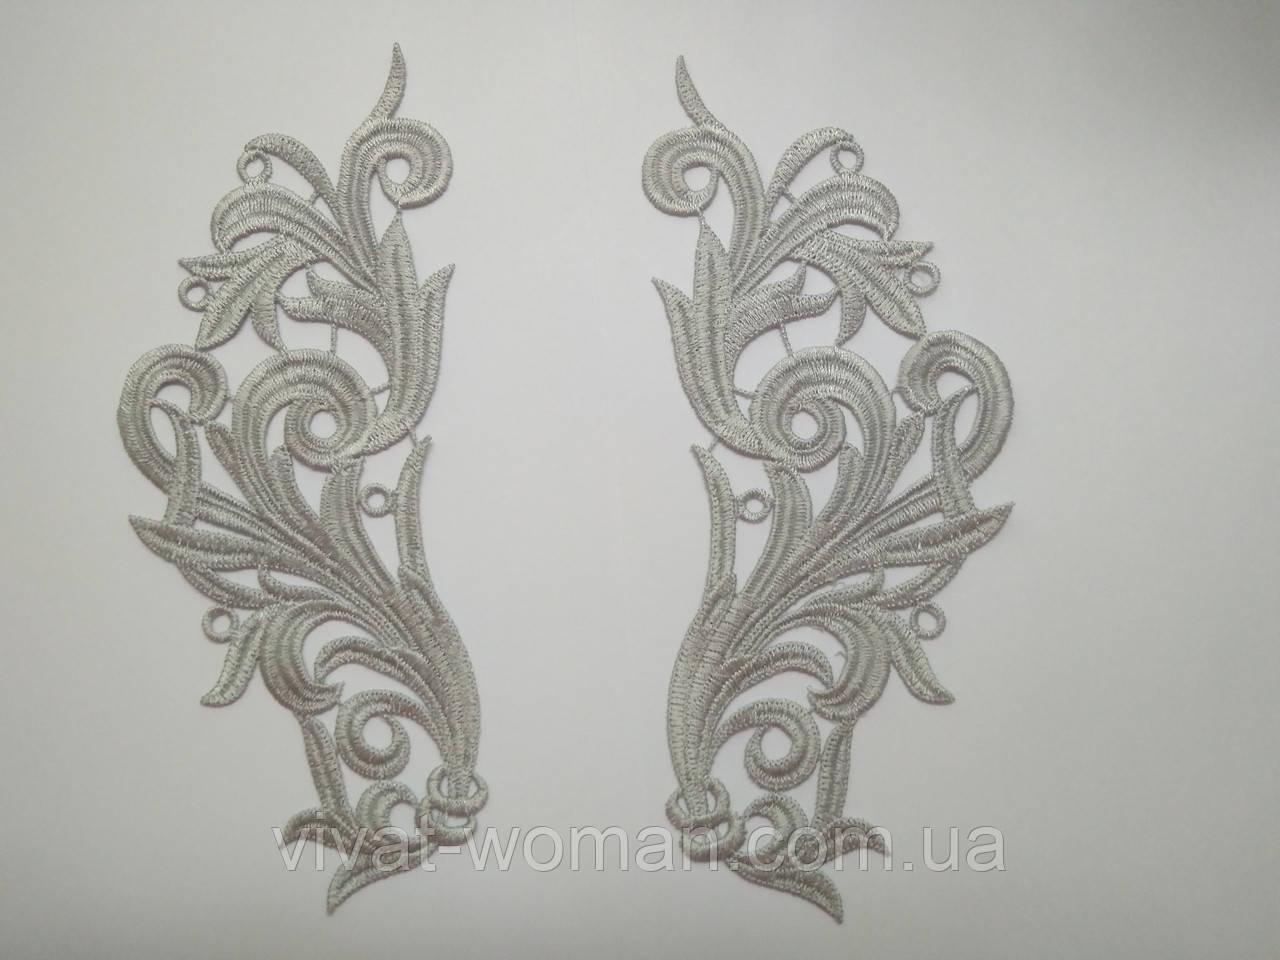 Кружевной фрагмент (лейс) Глория светло серый, 22х9 см. Цена за пару